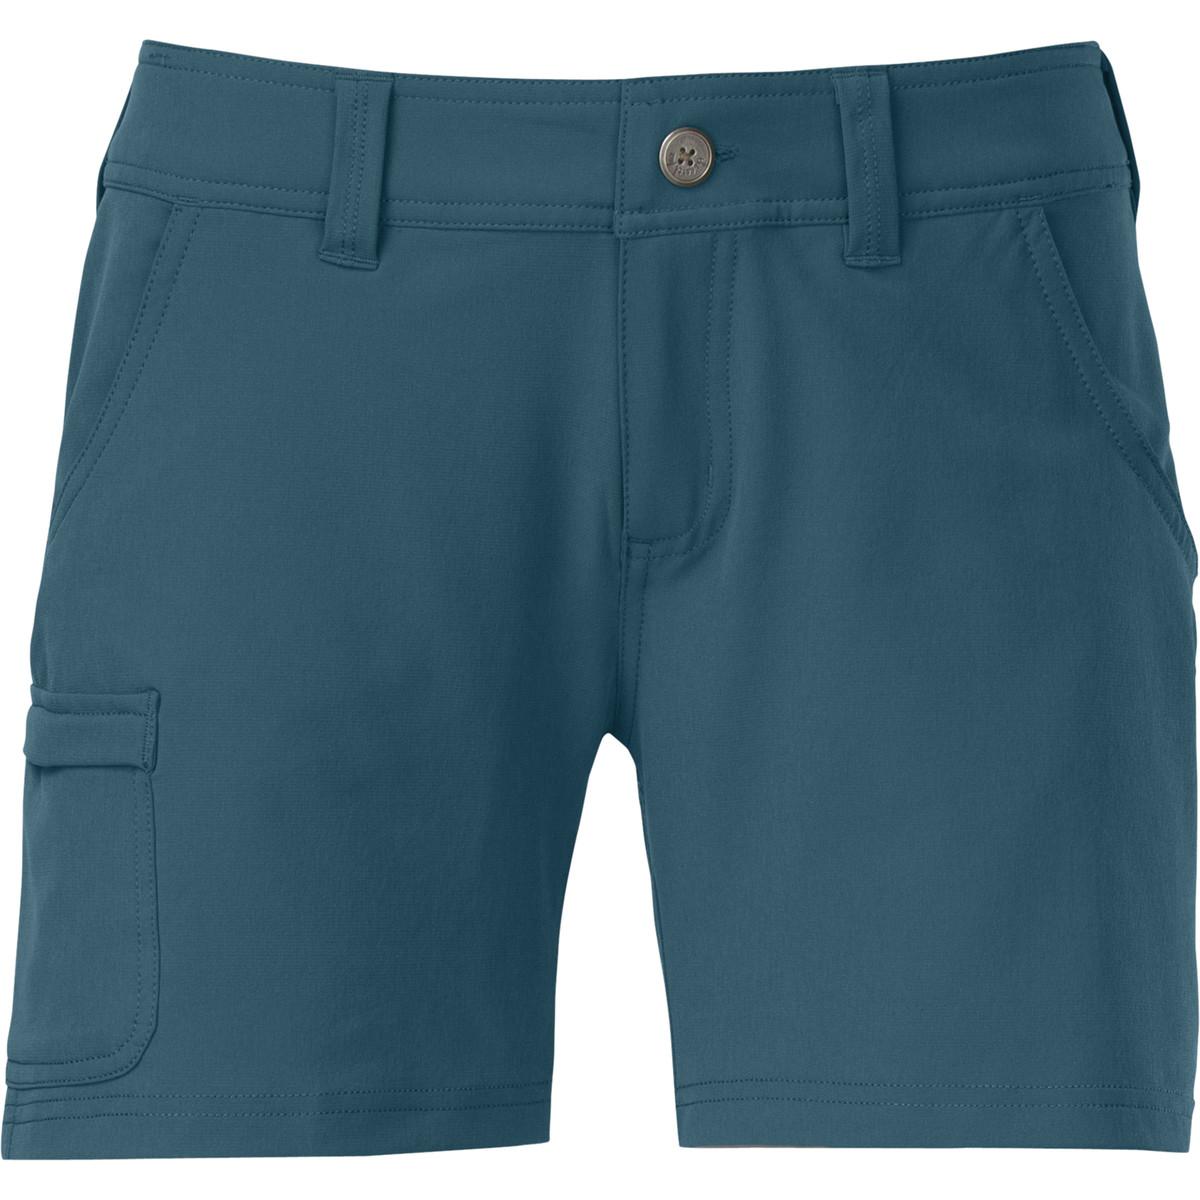 The North Face Almatta Shorts